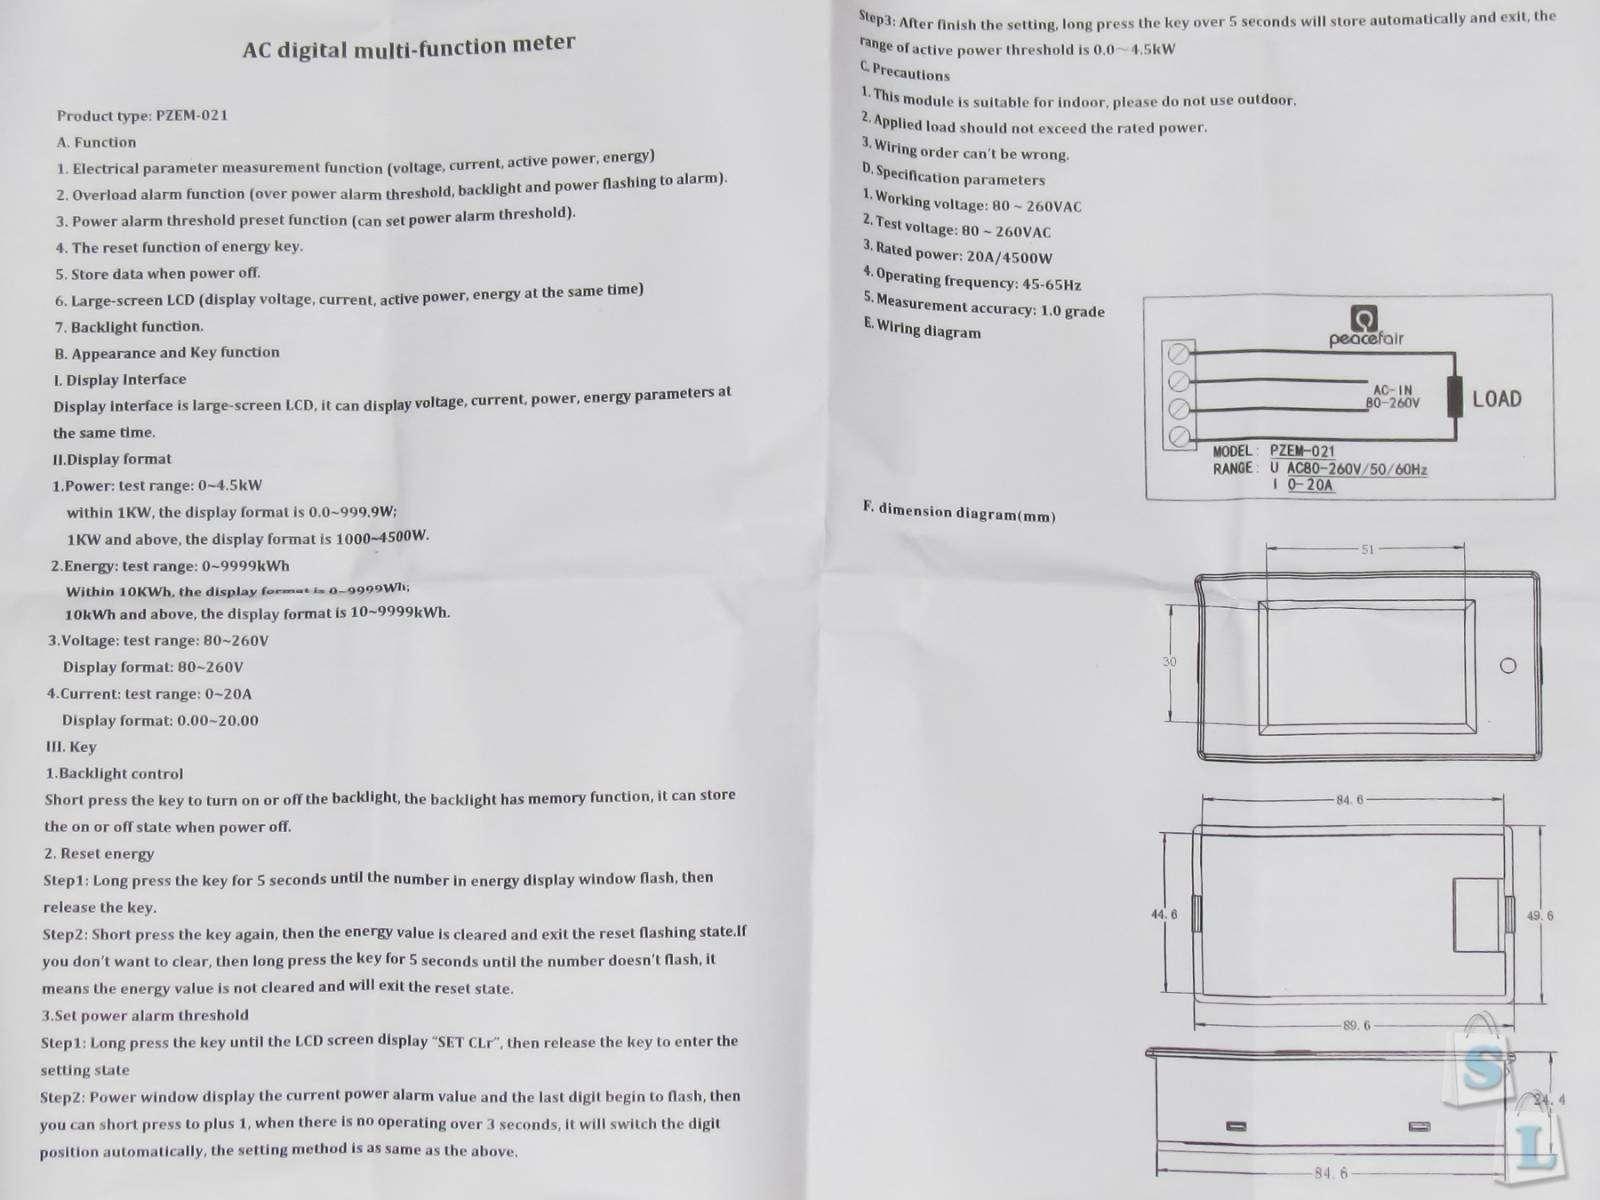 Banggood: Компактный энергомонитор - домашний аудит энергопотребления